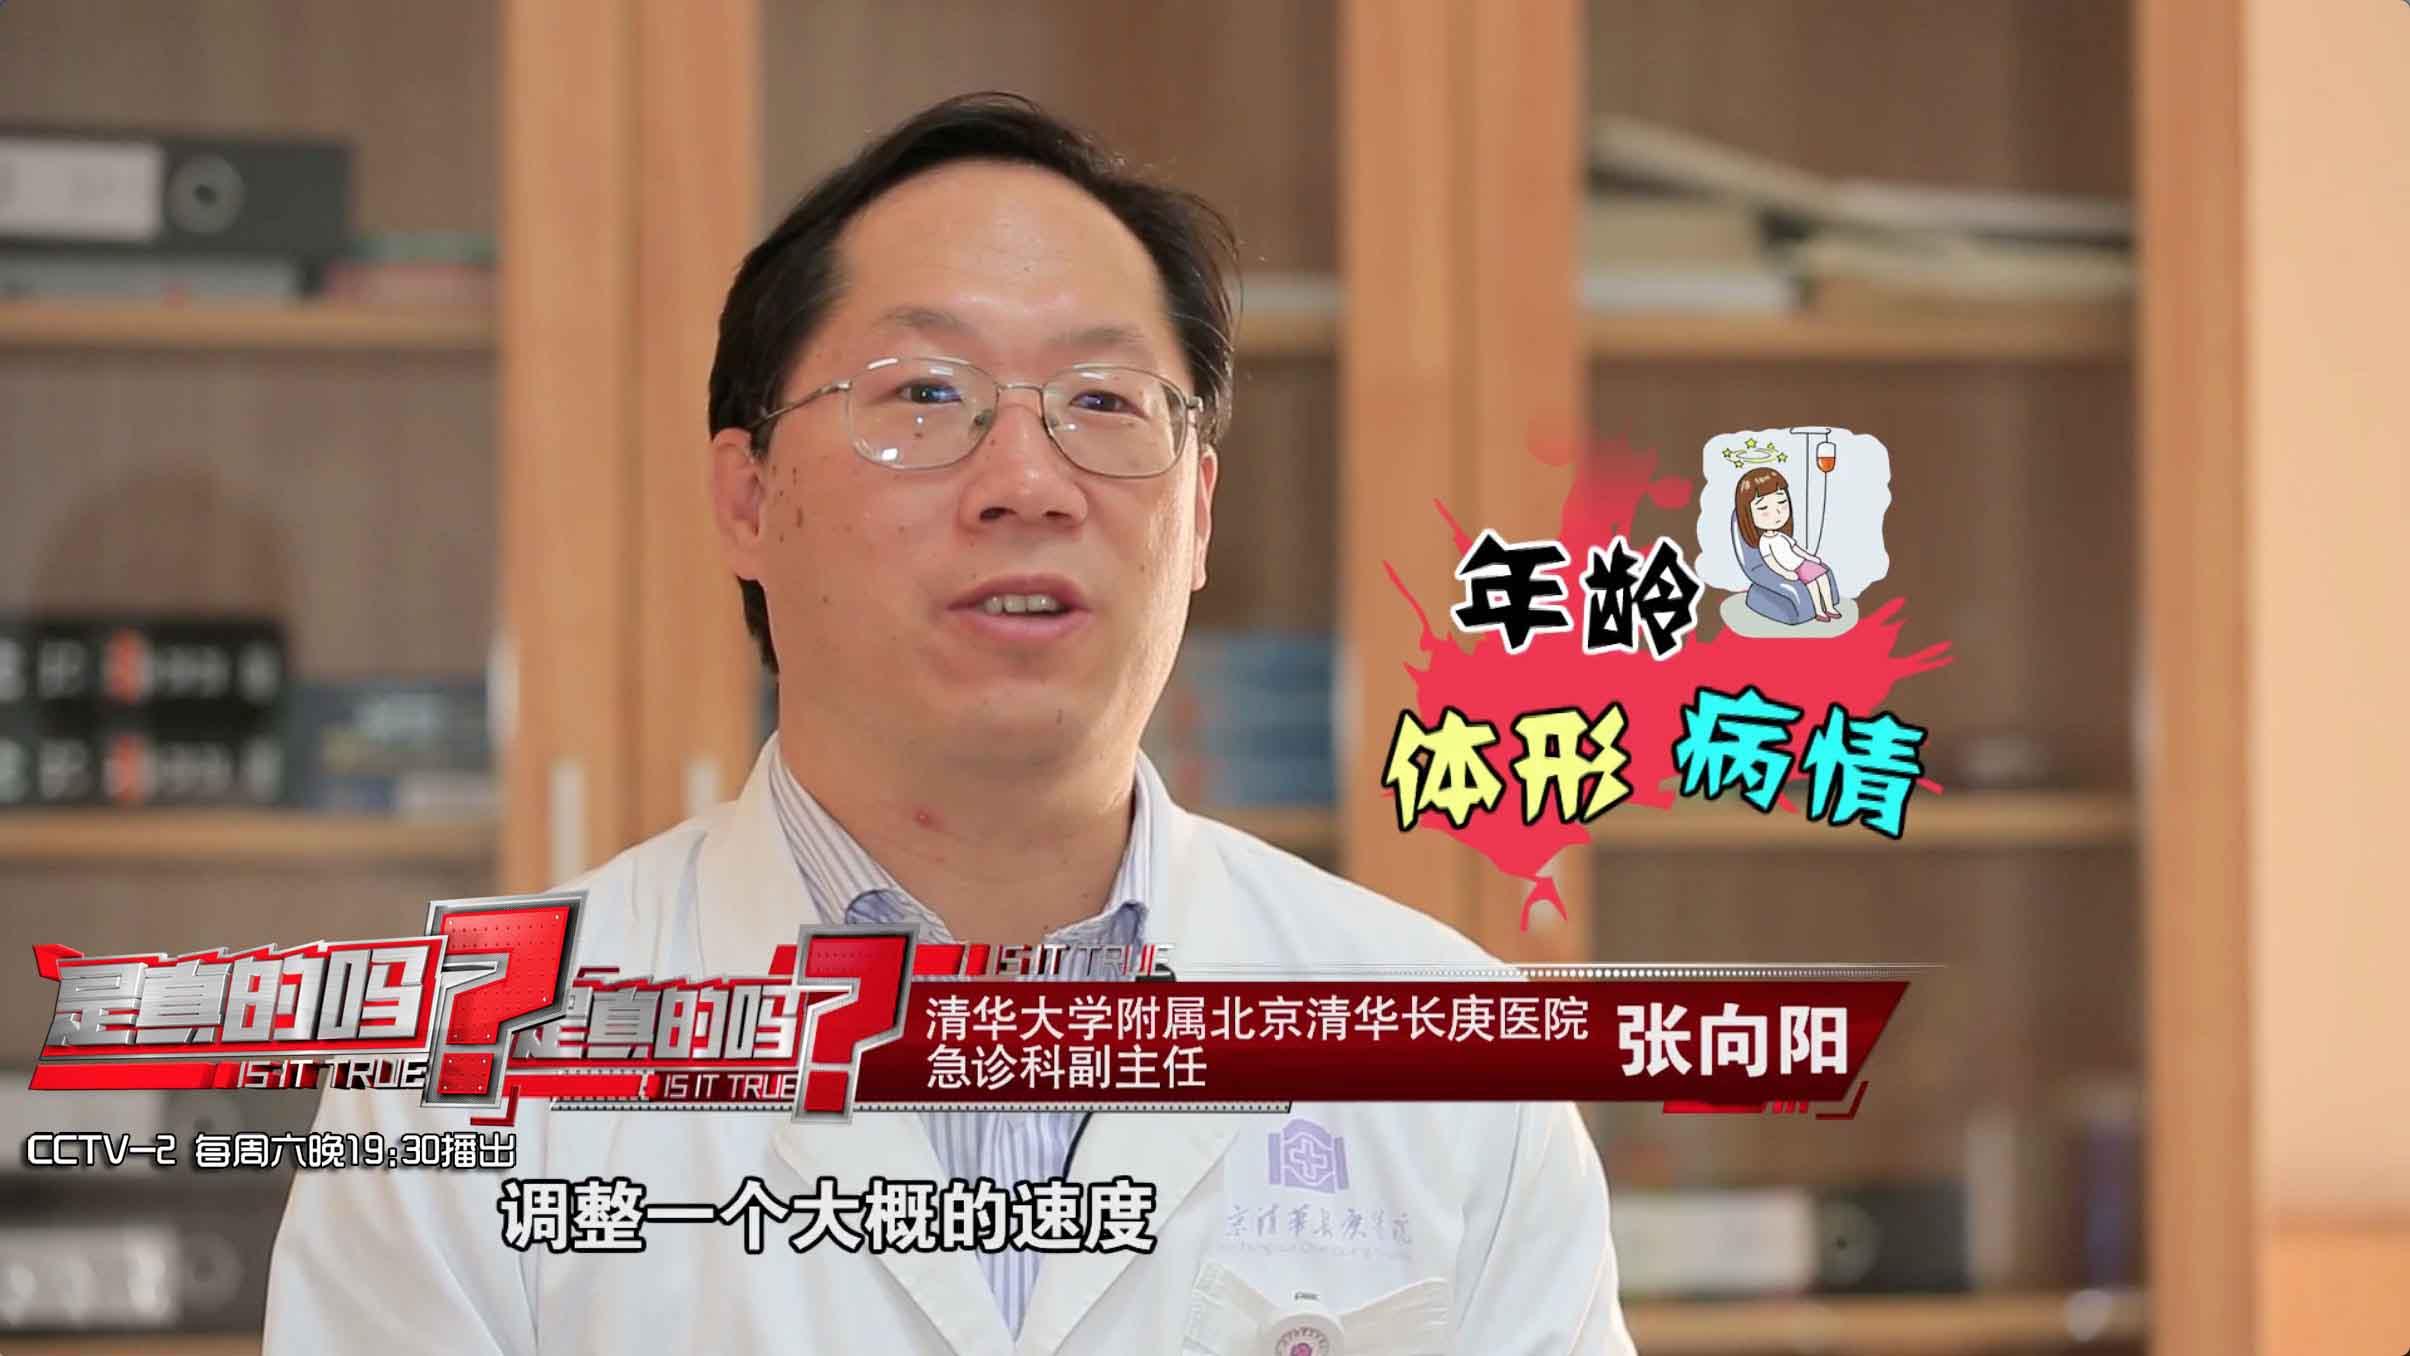 """中国人民解放军总院第一附属医院急救部副主任医师刘红升表示:""""在输液时私自调快点滴速度是有极大的危害性的。因为针对每个病人的不同情况,医生会专门嘱咐护士给病人调整相应的点滴速度,但病人并不具备这种医学知识,如果自己调了,就会带来一些临床危害。比如输液速度调快了,可能会导致胸闷、憋气,甚至会出现更严重的临床症象,如呼吸困难、氧饱和度下降,以至于双肺的哮鸣音等等,这就需要急救了。"""""""